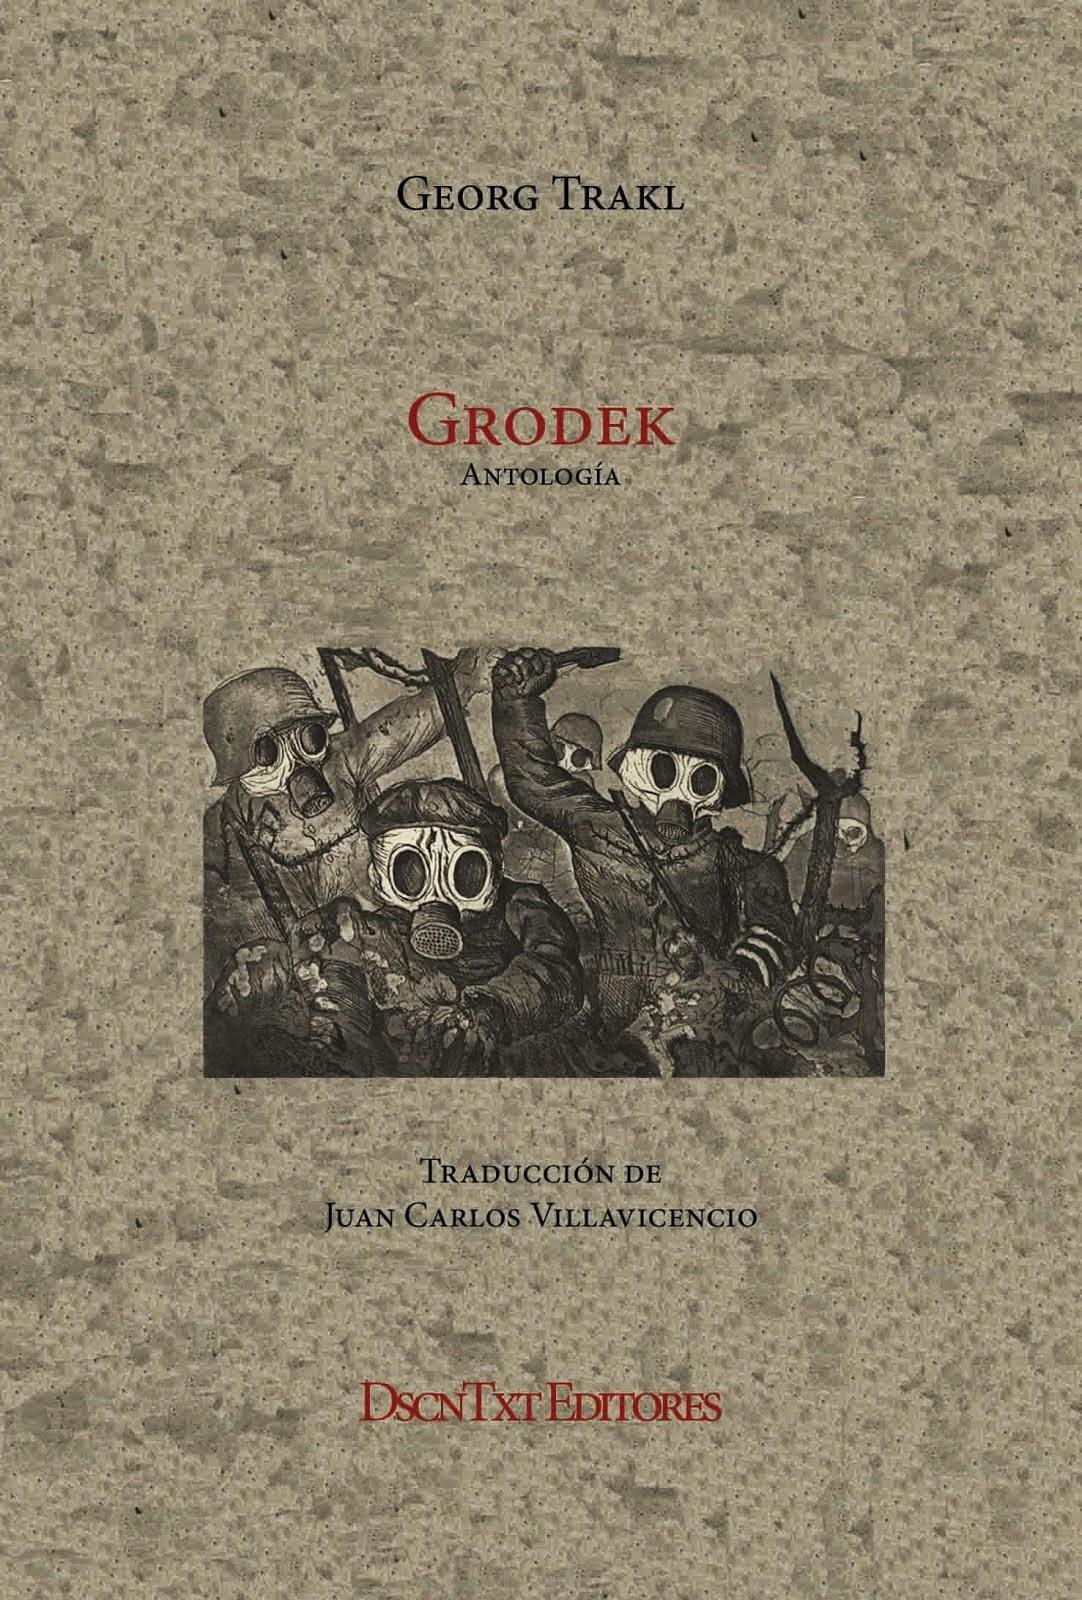 Grodek, de Georg Trakl